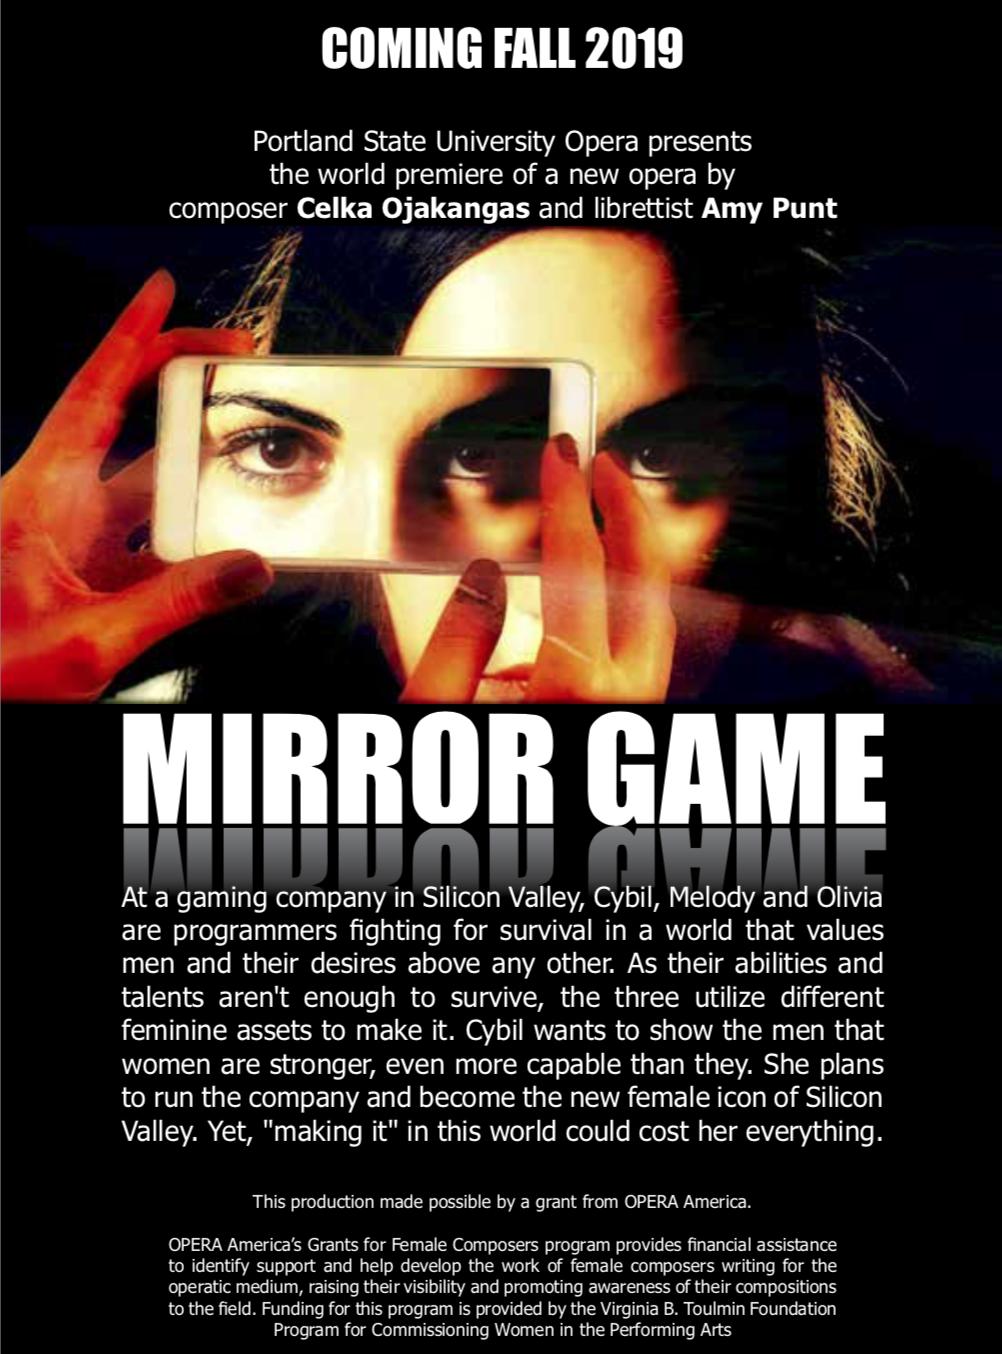 mirrorgame